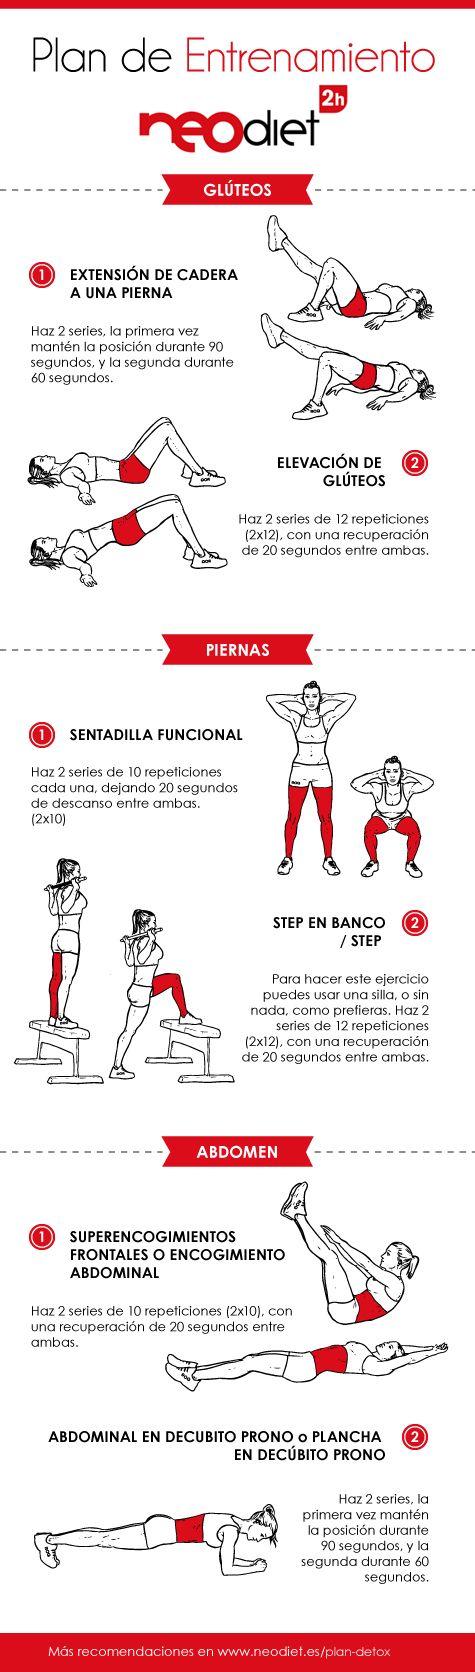 entrenamiento plan detox